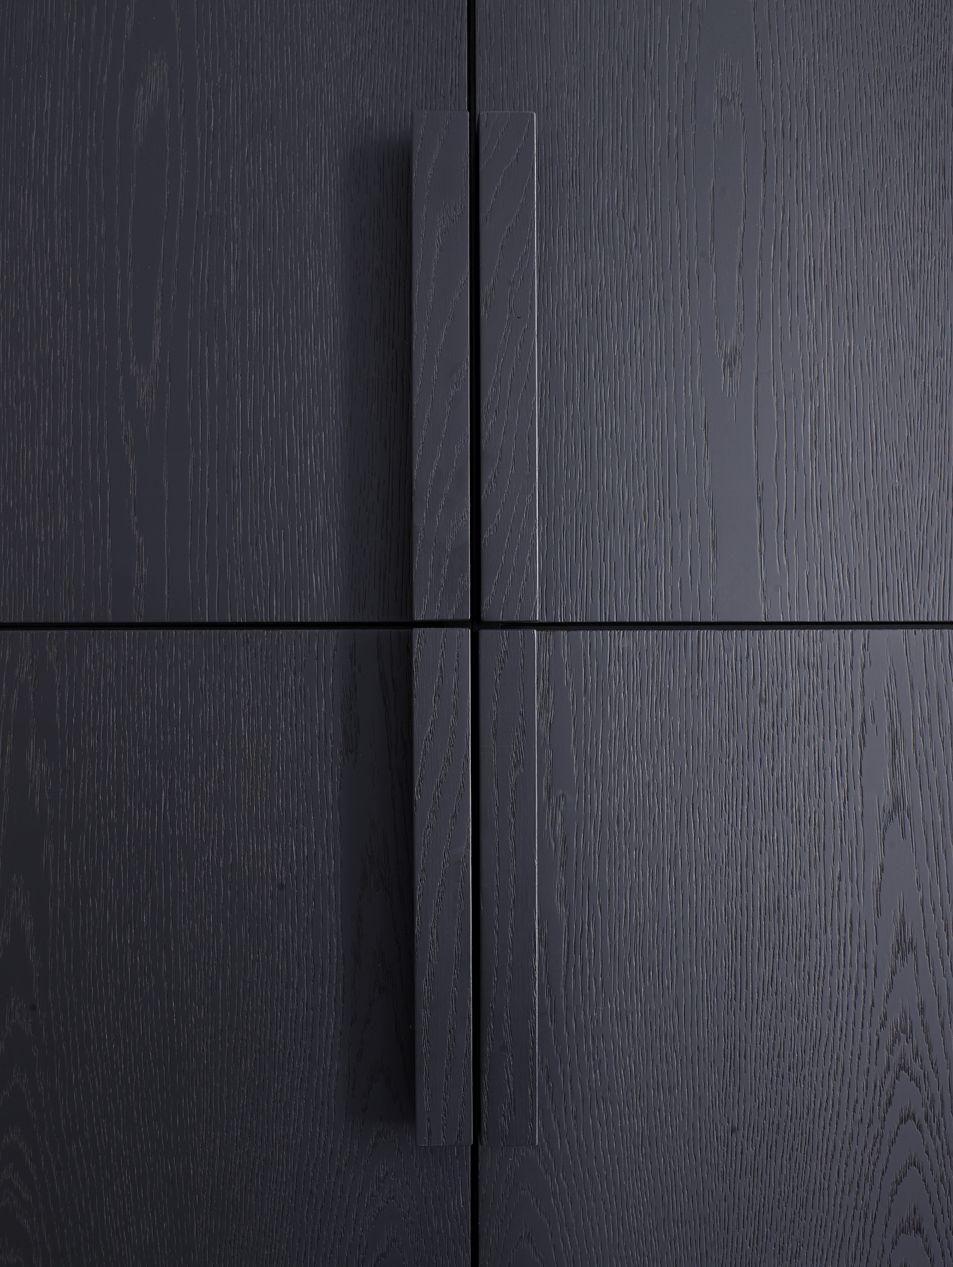 Piet Boon Styling By Karin Meyn Black Wooden Cabinet Detail